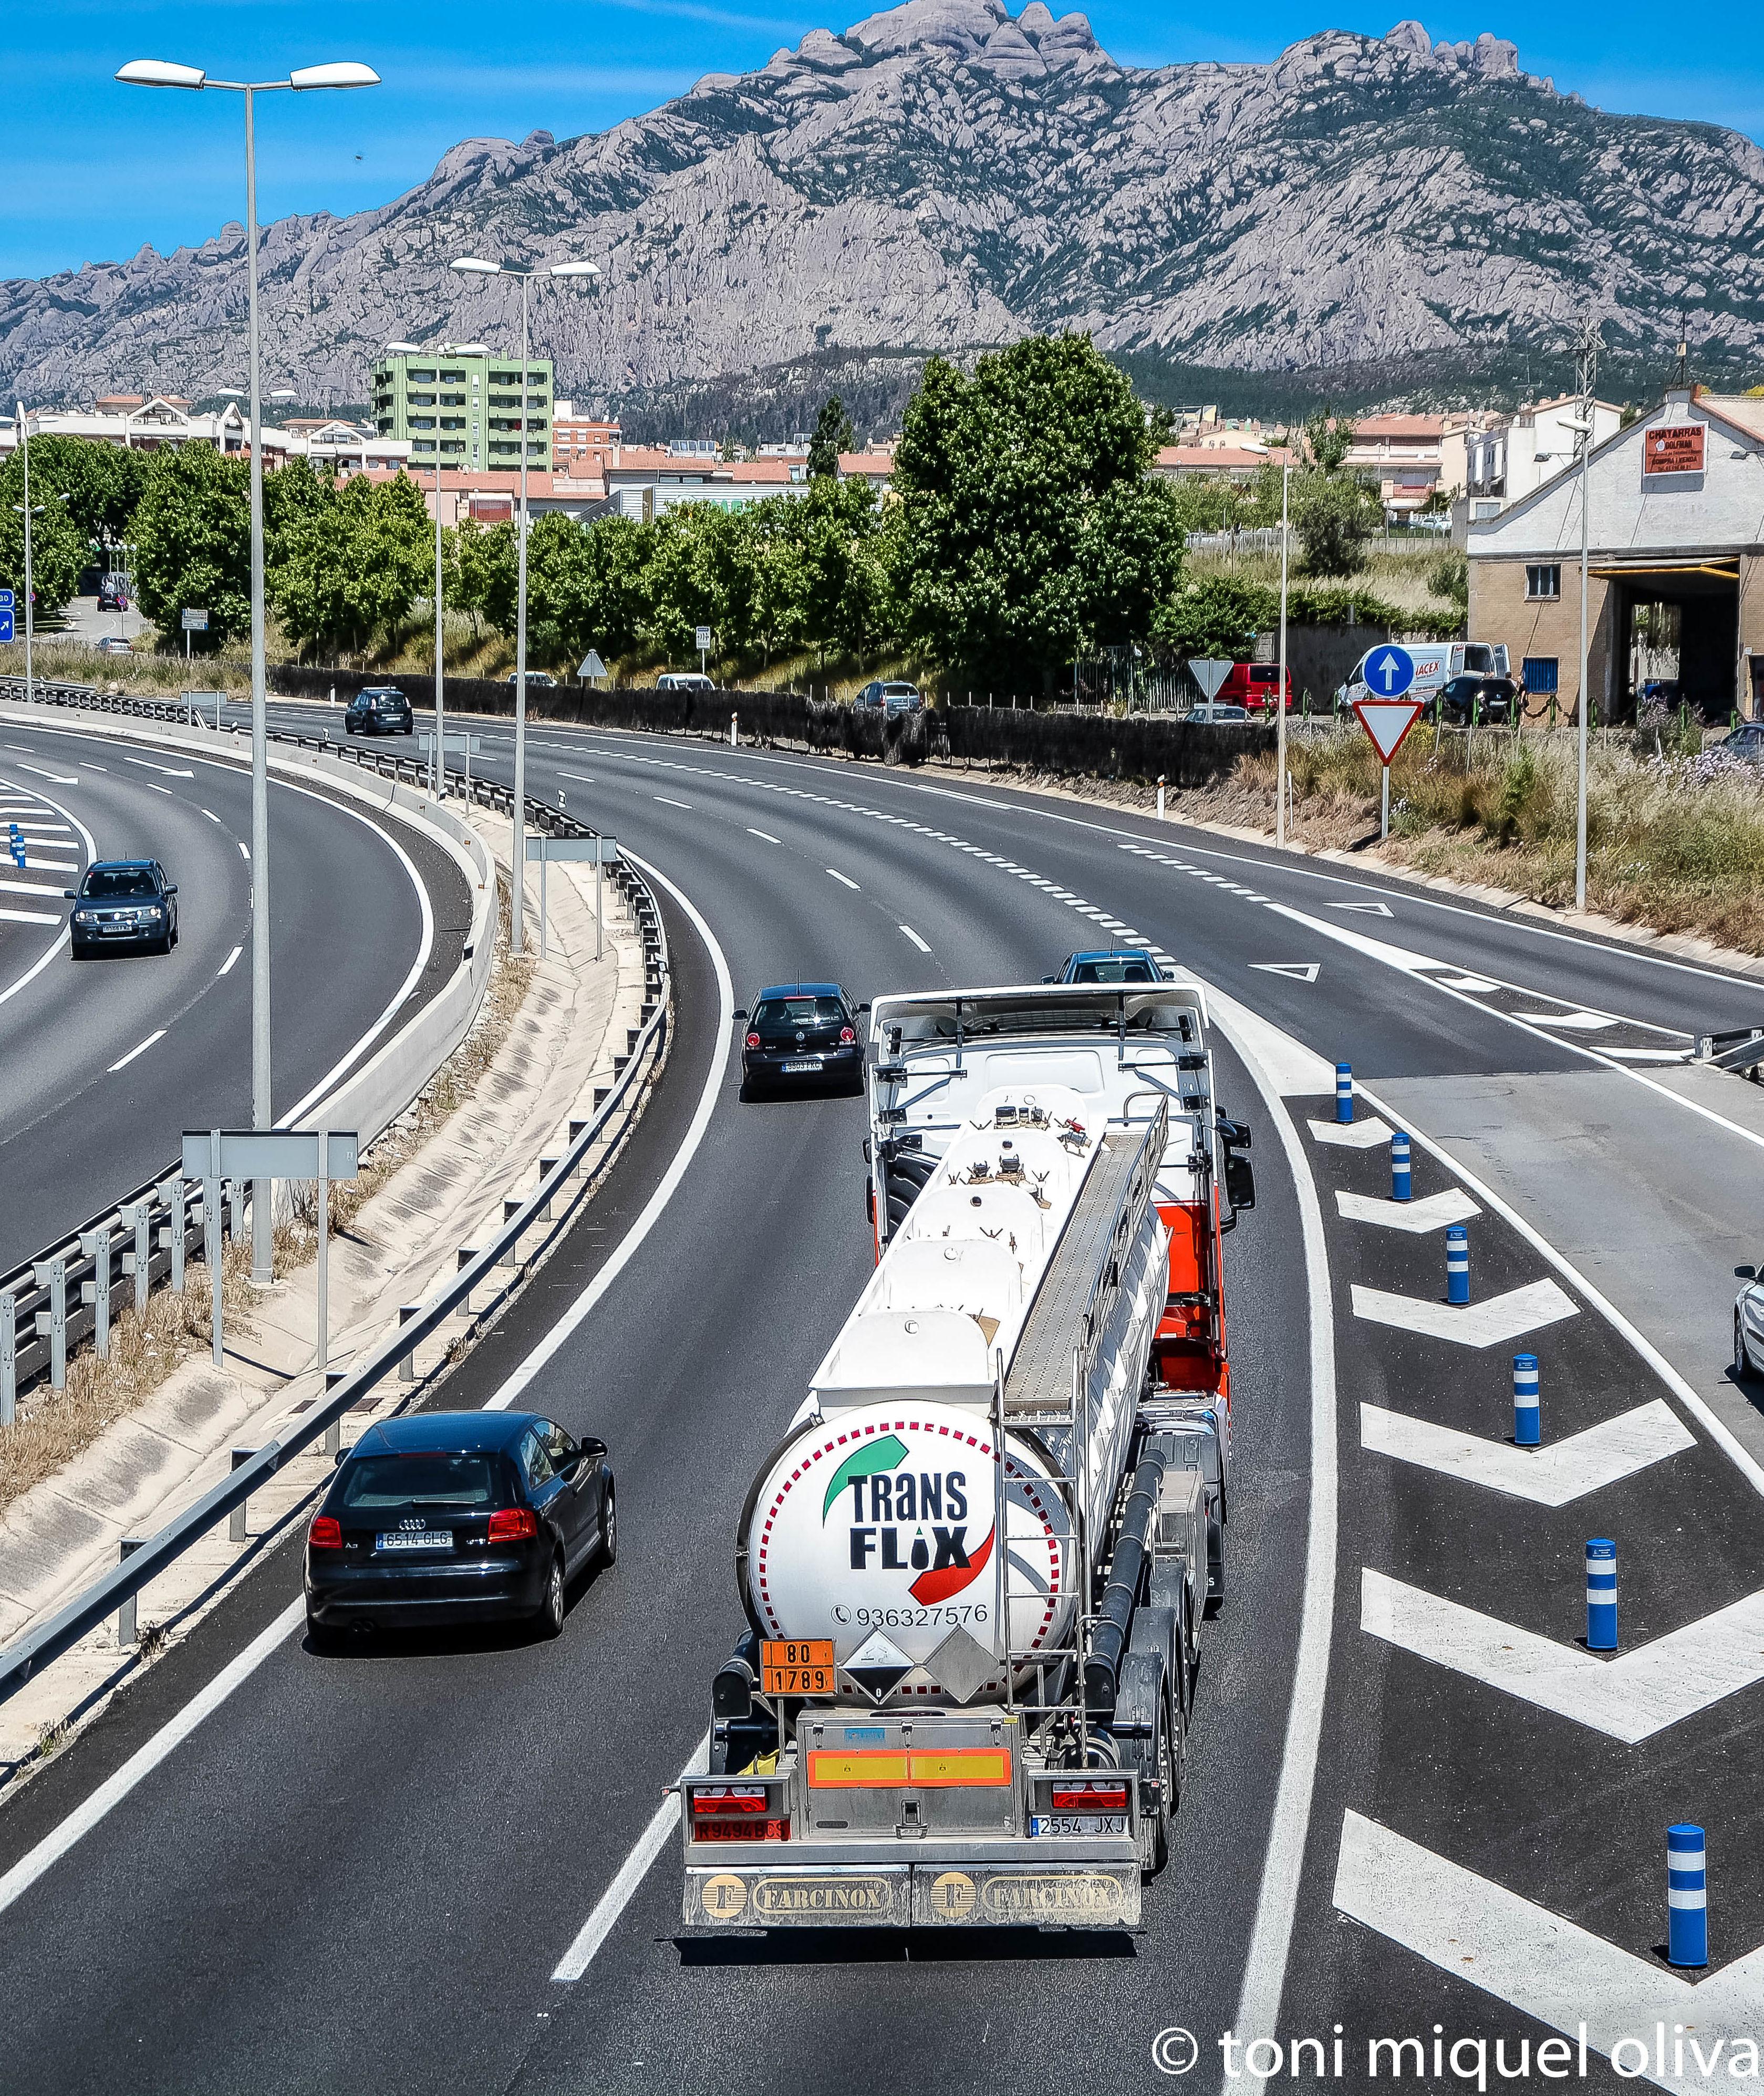 Foto 6 de Transporte de mercancías en Barcelona en Esparreguera | Transportes Flix, S.A.